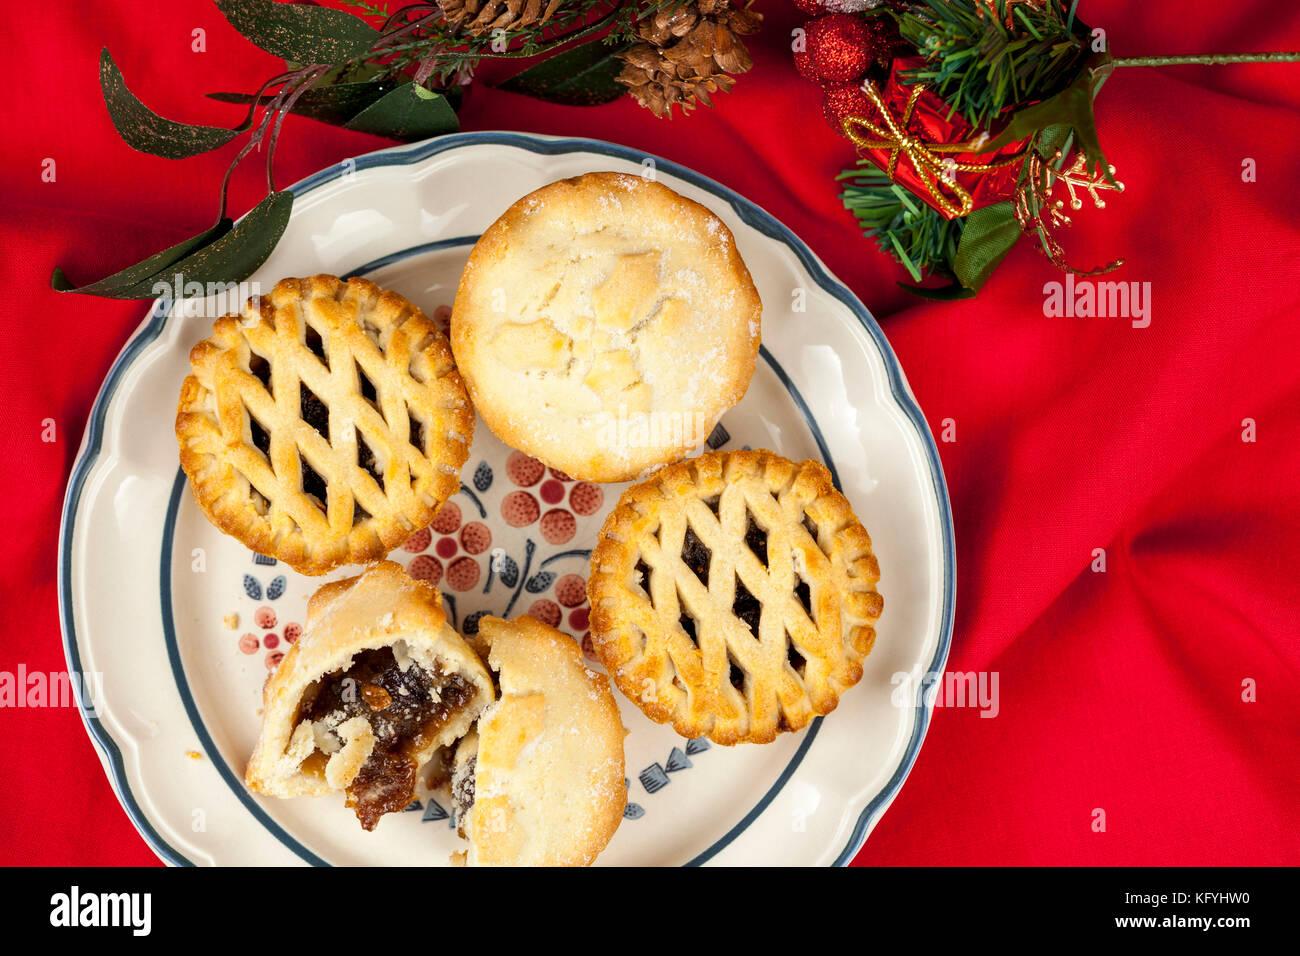 Reticolo placcato top pasticci di carne macinata a Natale su un increspato tabella rossa panno con un Natale decorazioni Immagini Stock